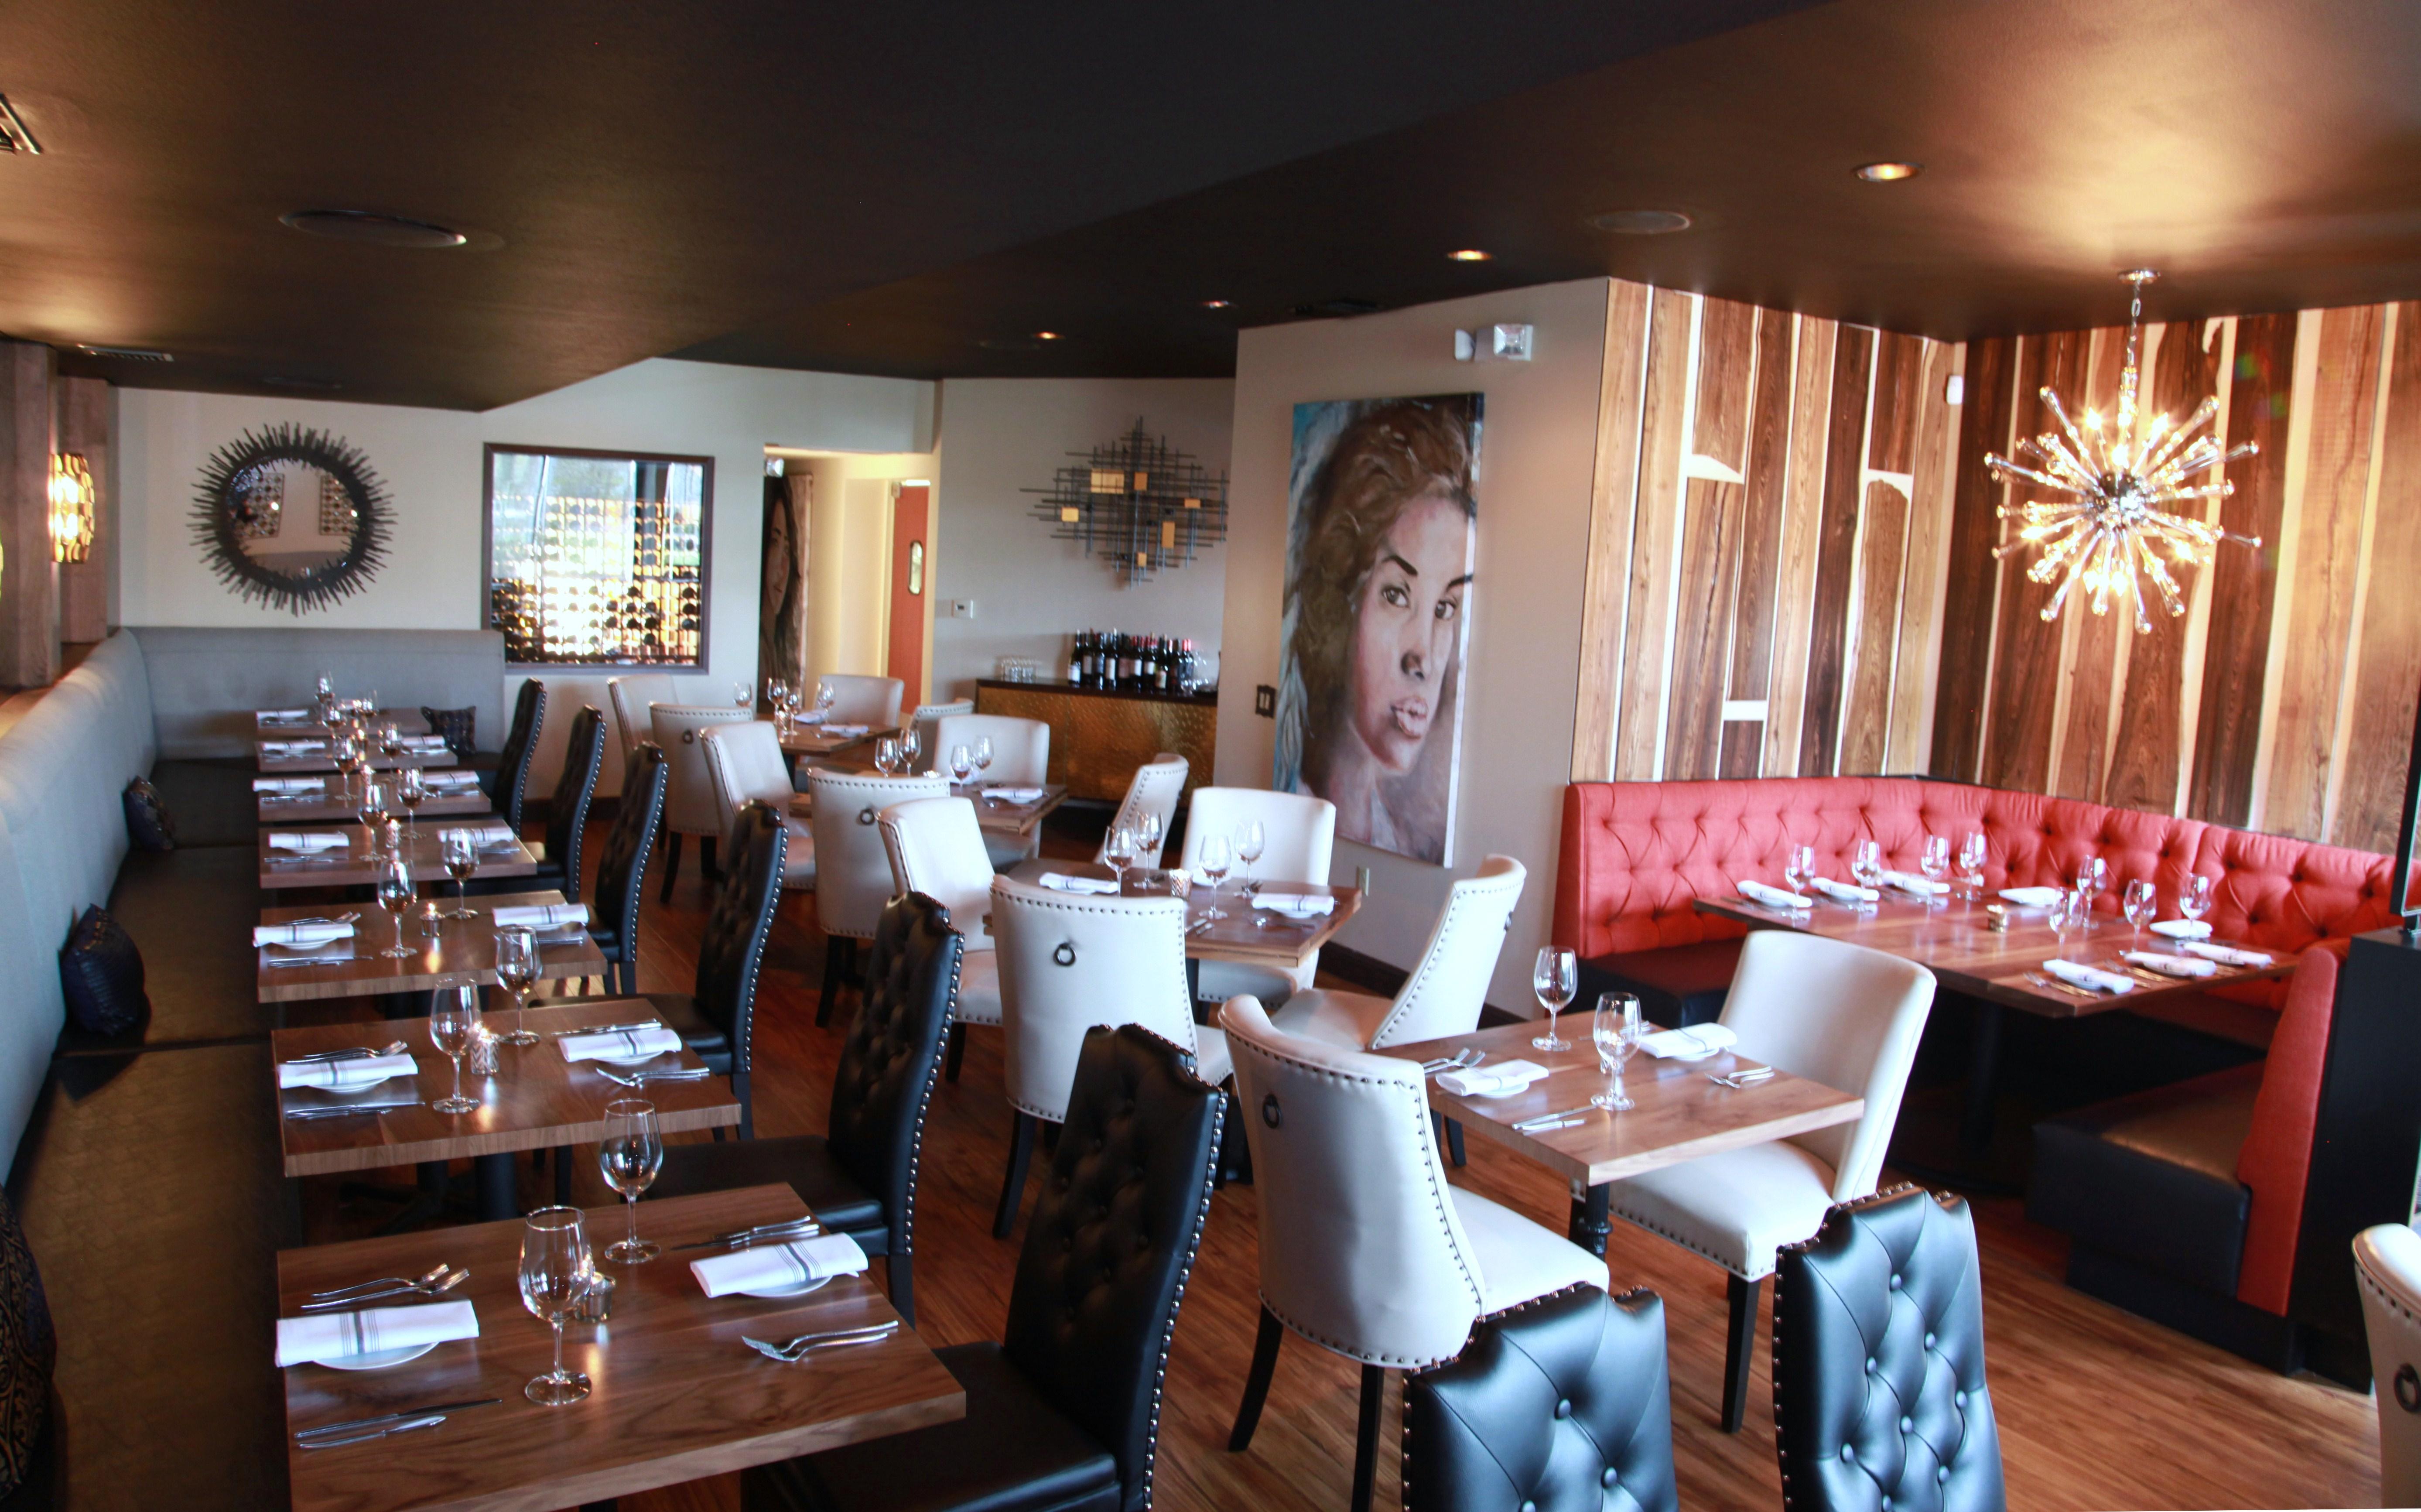 Bellamy S Restaurant Unveils Grand Redesign In Escondido